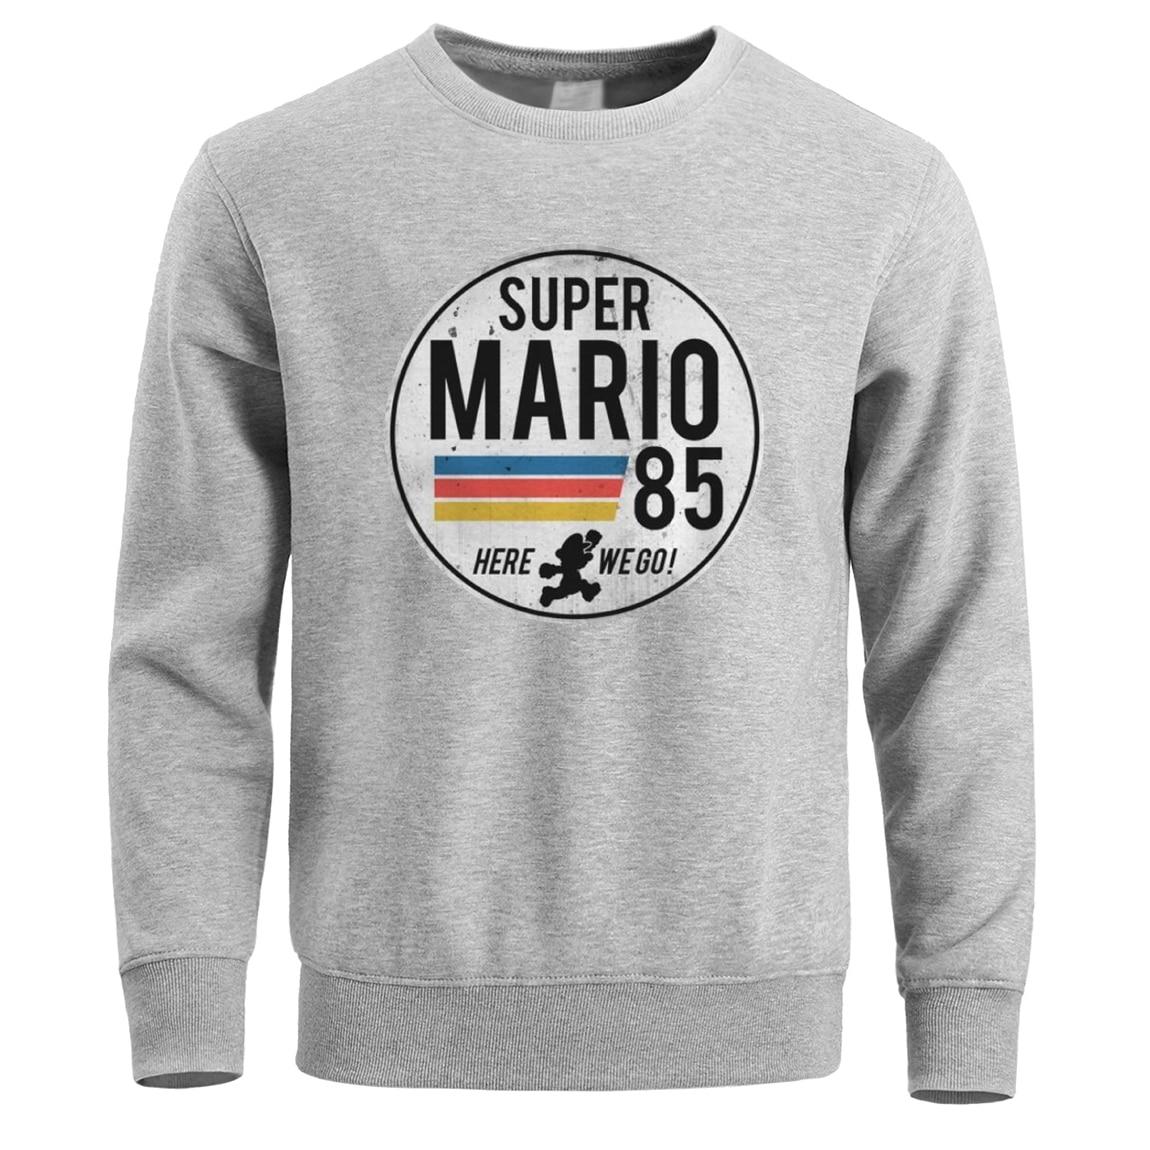 Super Mario 85 Sweatshirt Men Crewneck Hoodies Sweatshirts Winter Fleece Warm Mens Pullover Hoodie Black White Streetwear Hoody